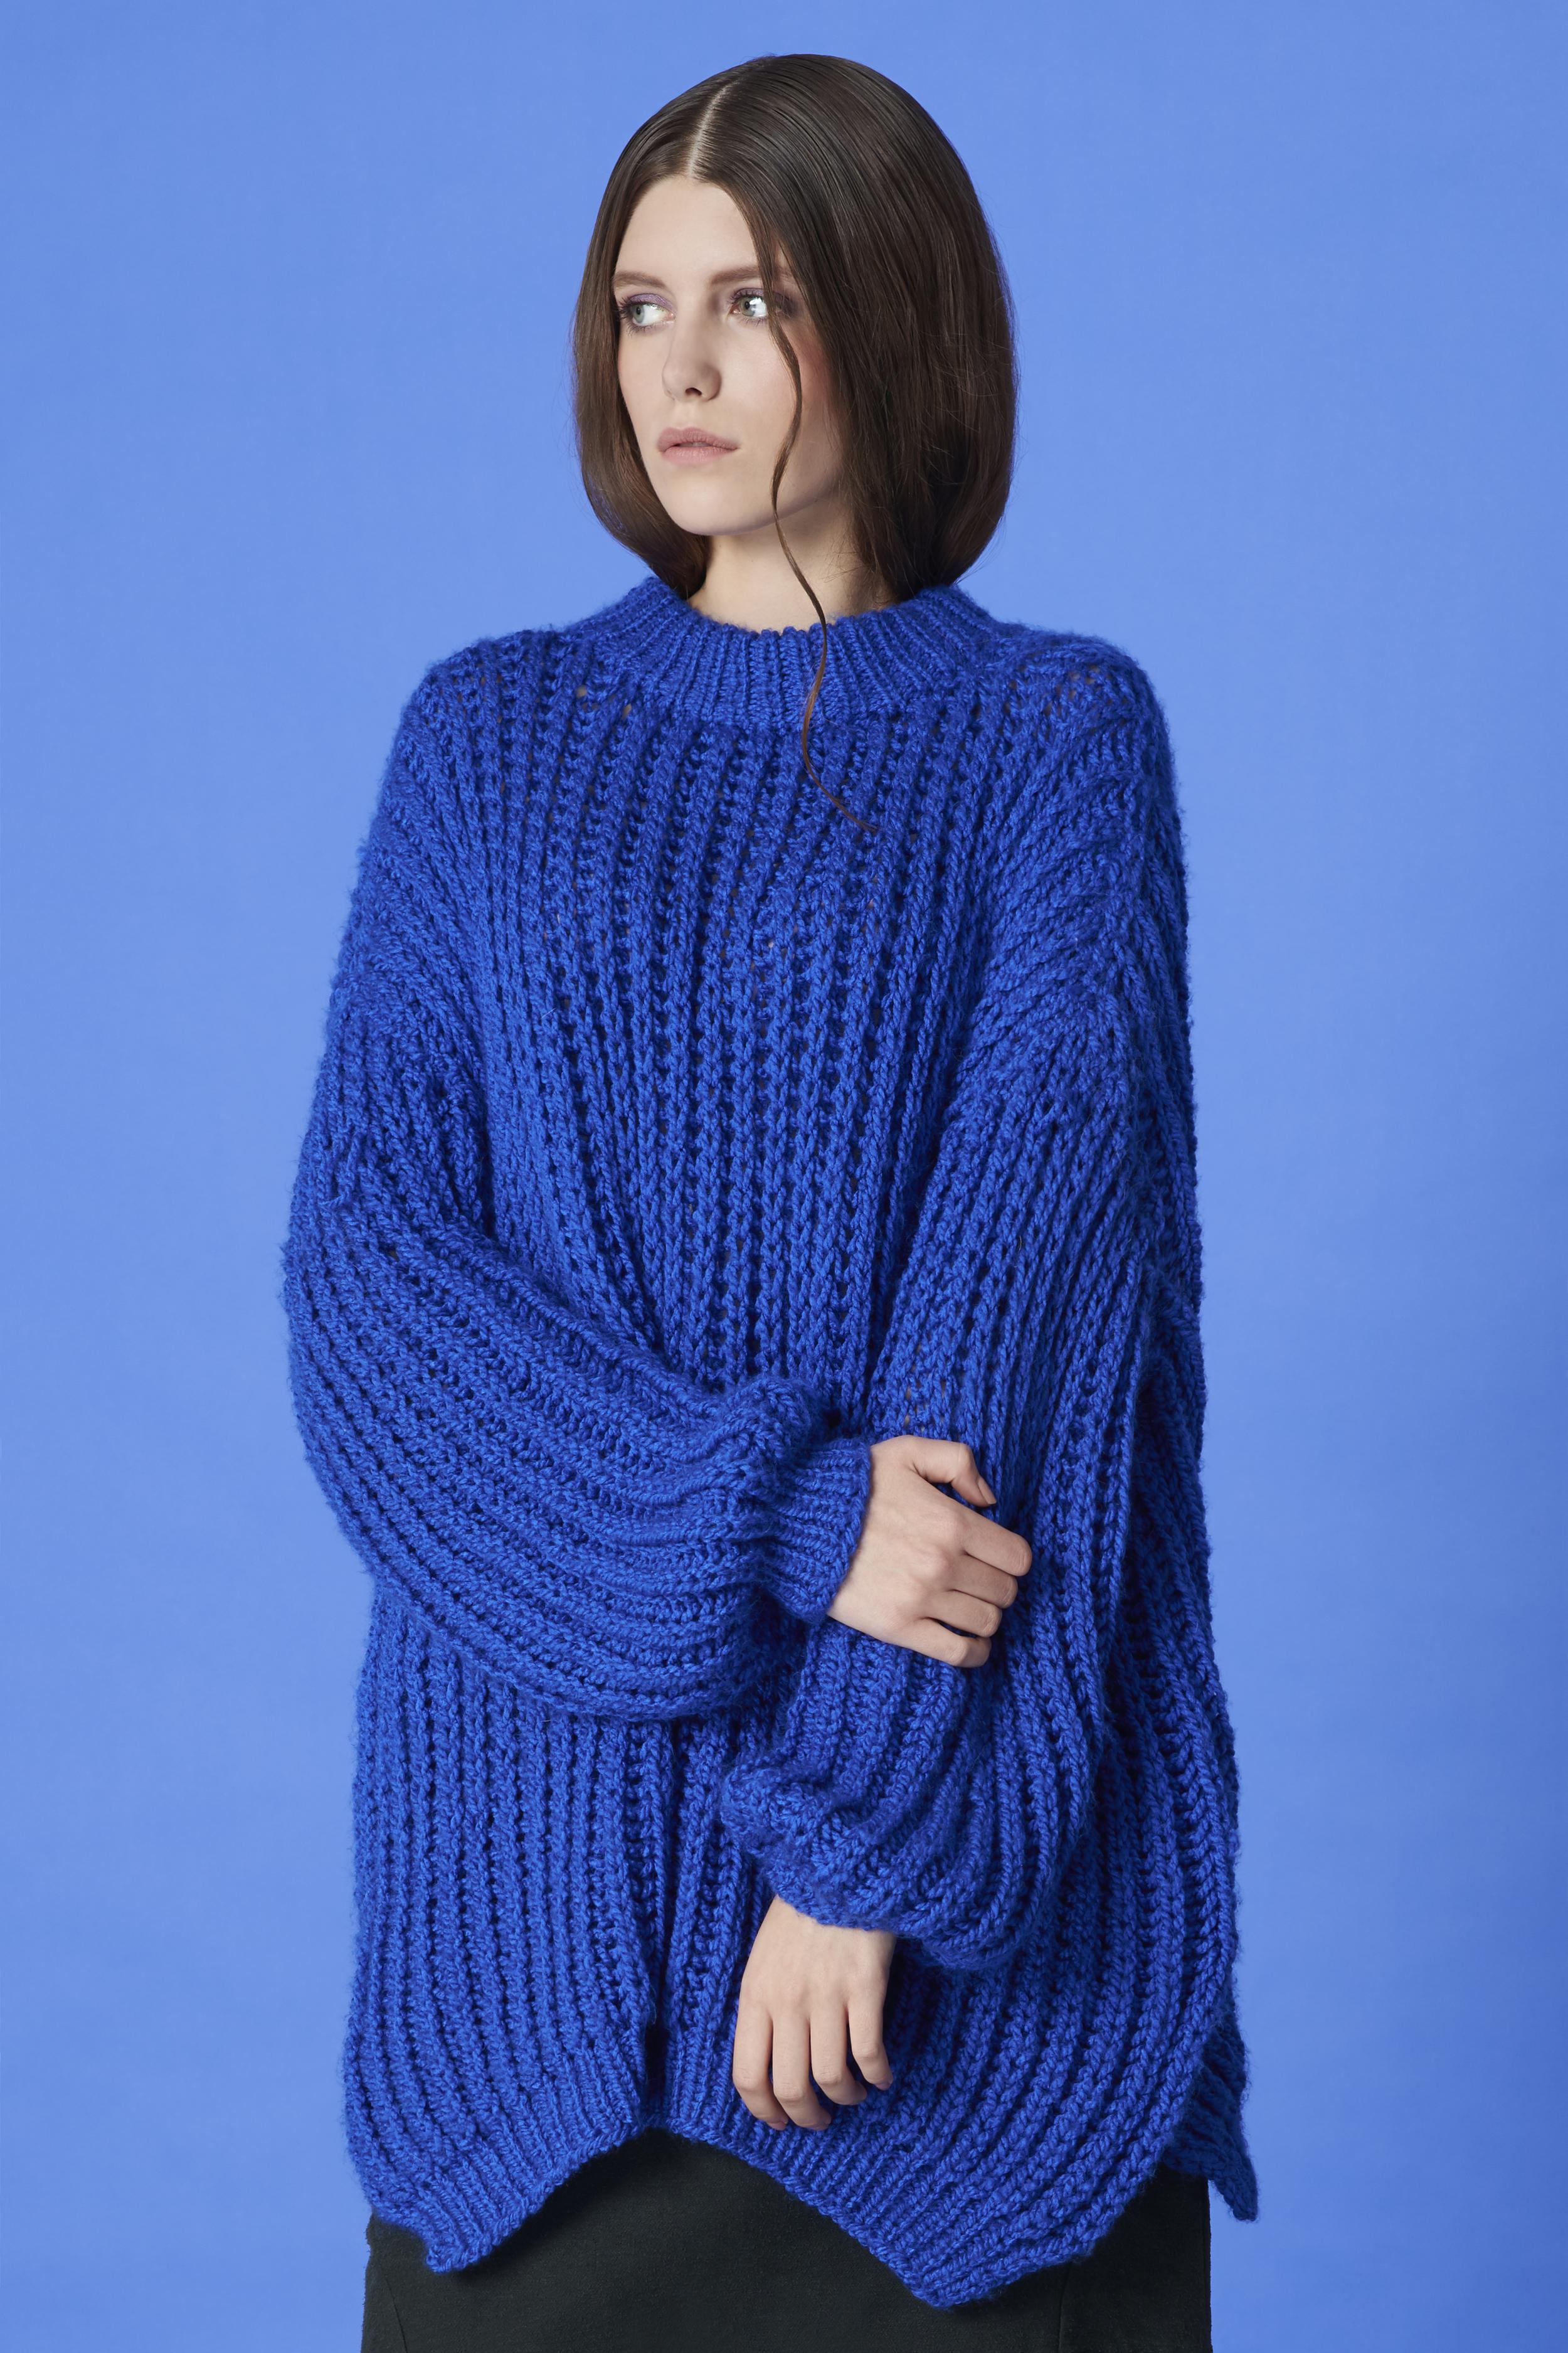 sweater PAT GUZIK, culottes ACEPHALA